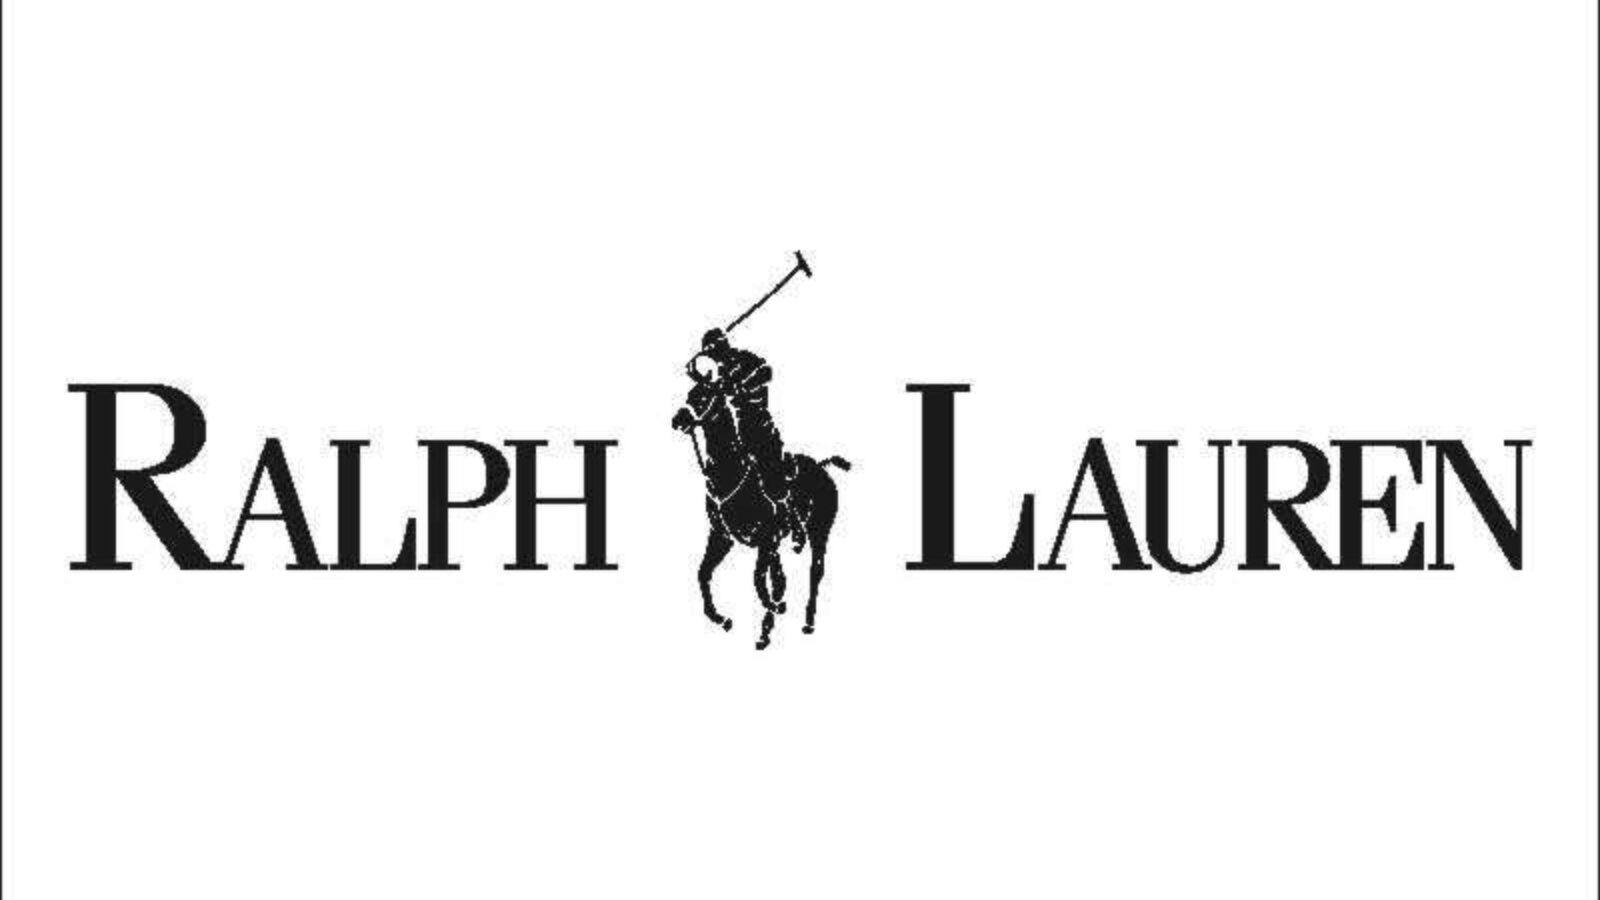 Ein brandneuer Ralph Lauren-Store öffnet seine Türen im Hamburger Levantehaus!